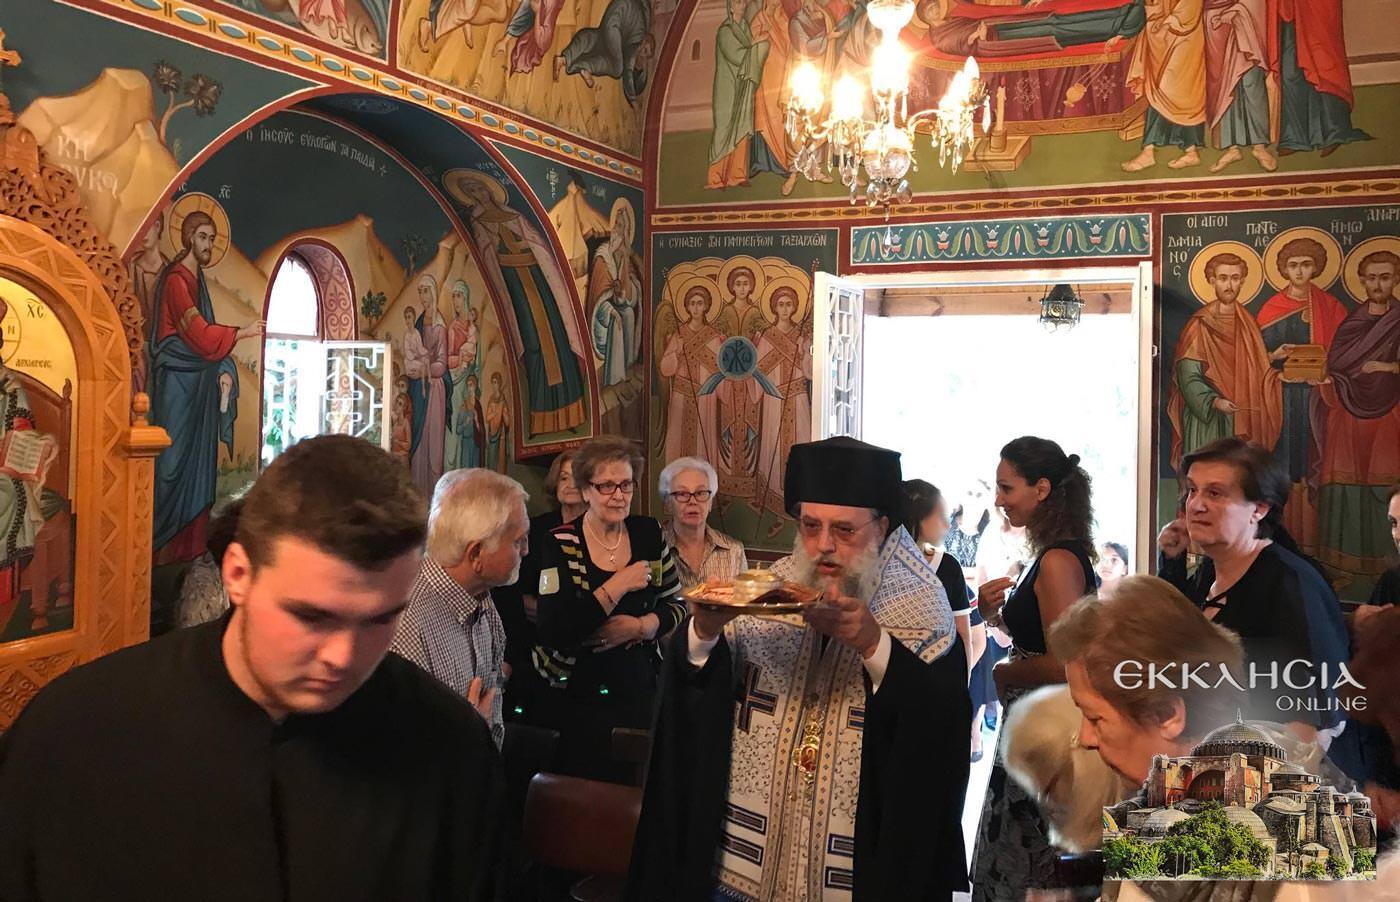 Εγκαίνια Ιερού Ναού Αγίας Ειρήνης Κηφισιά